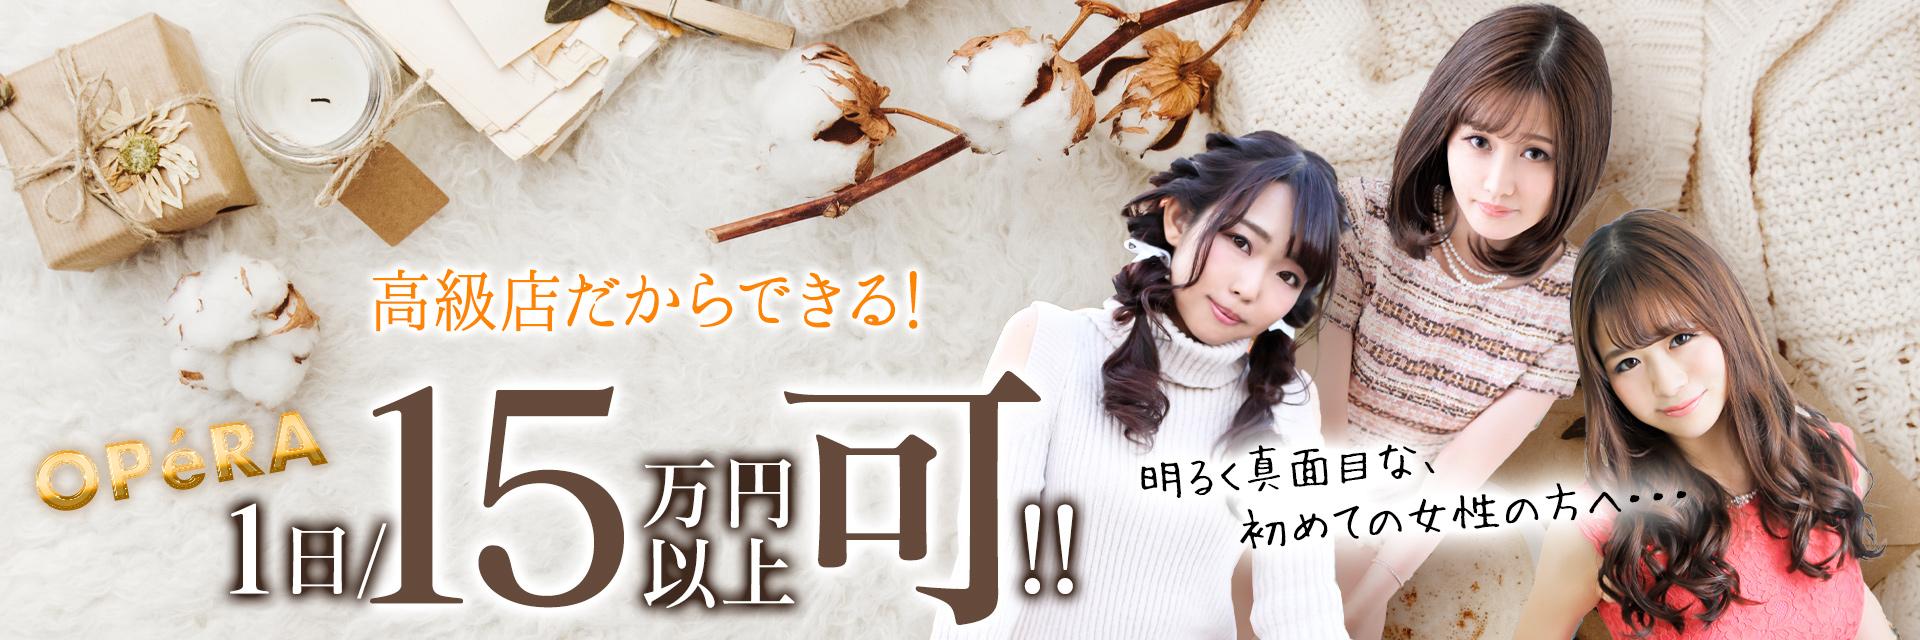 錦・丸の内・中区ファッションヘルスOPERA